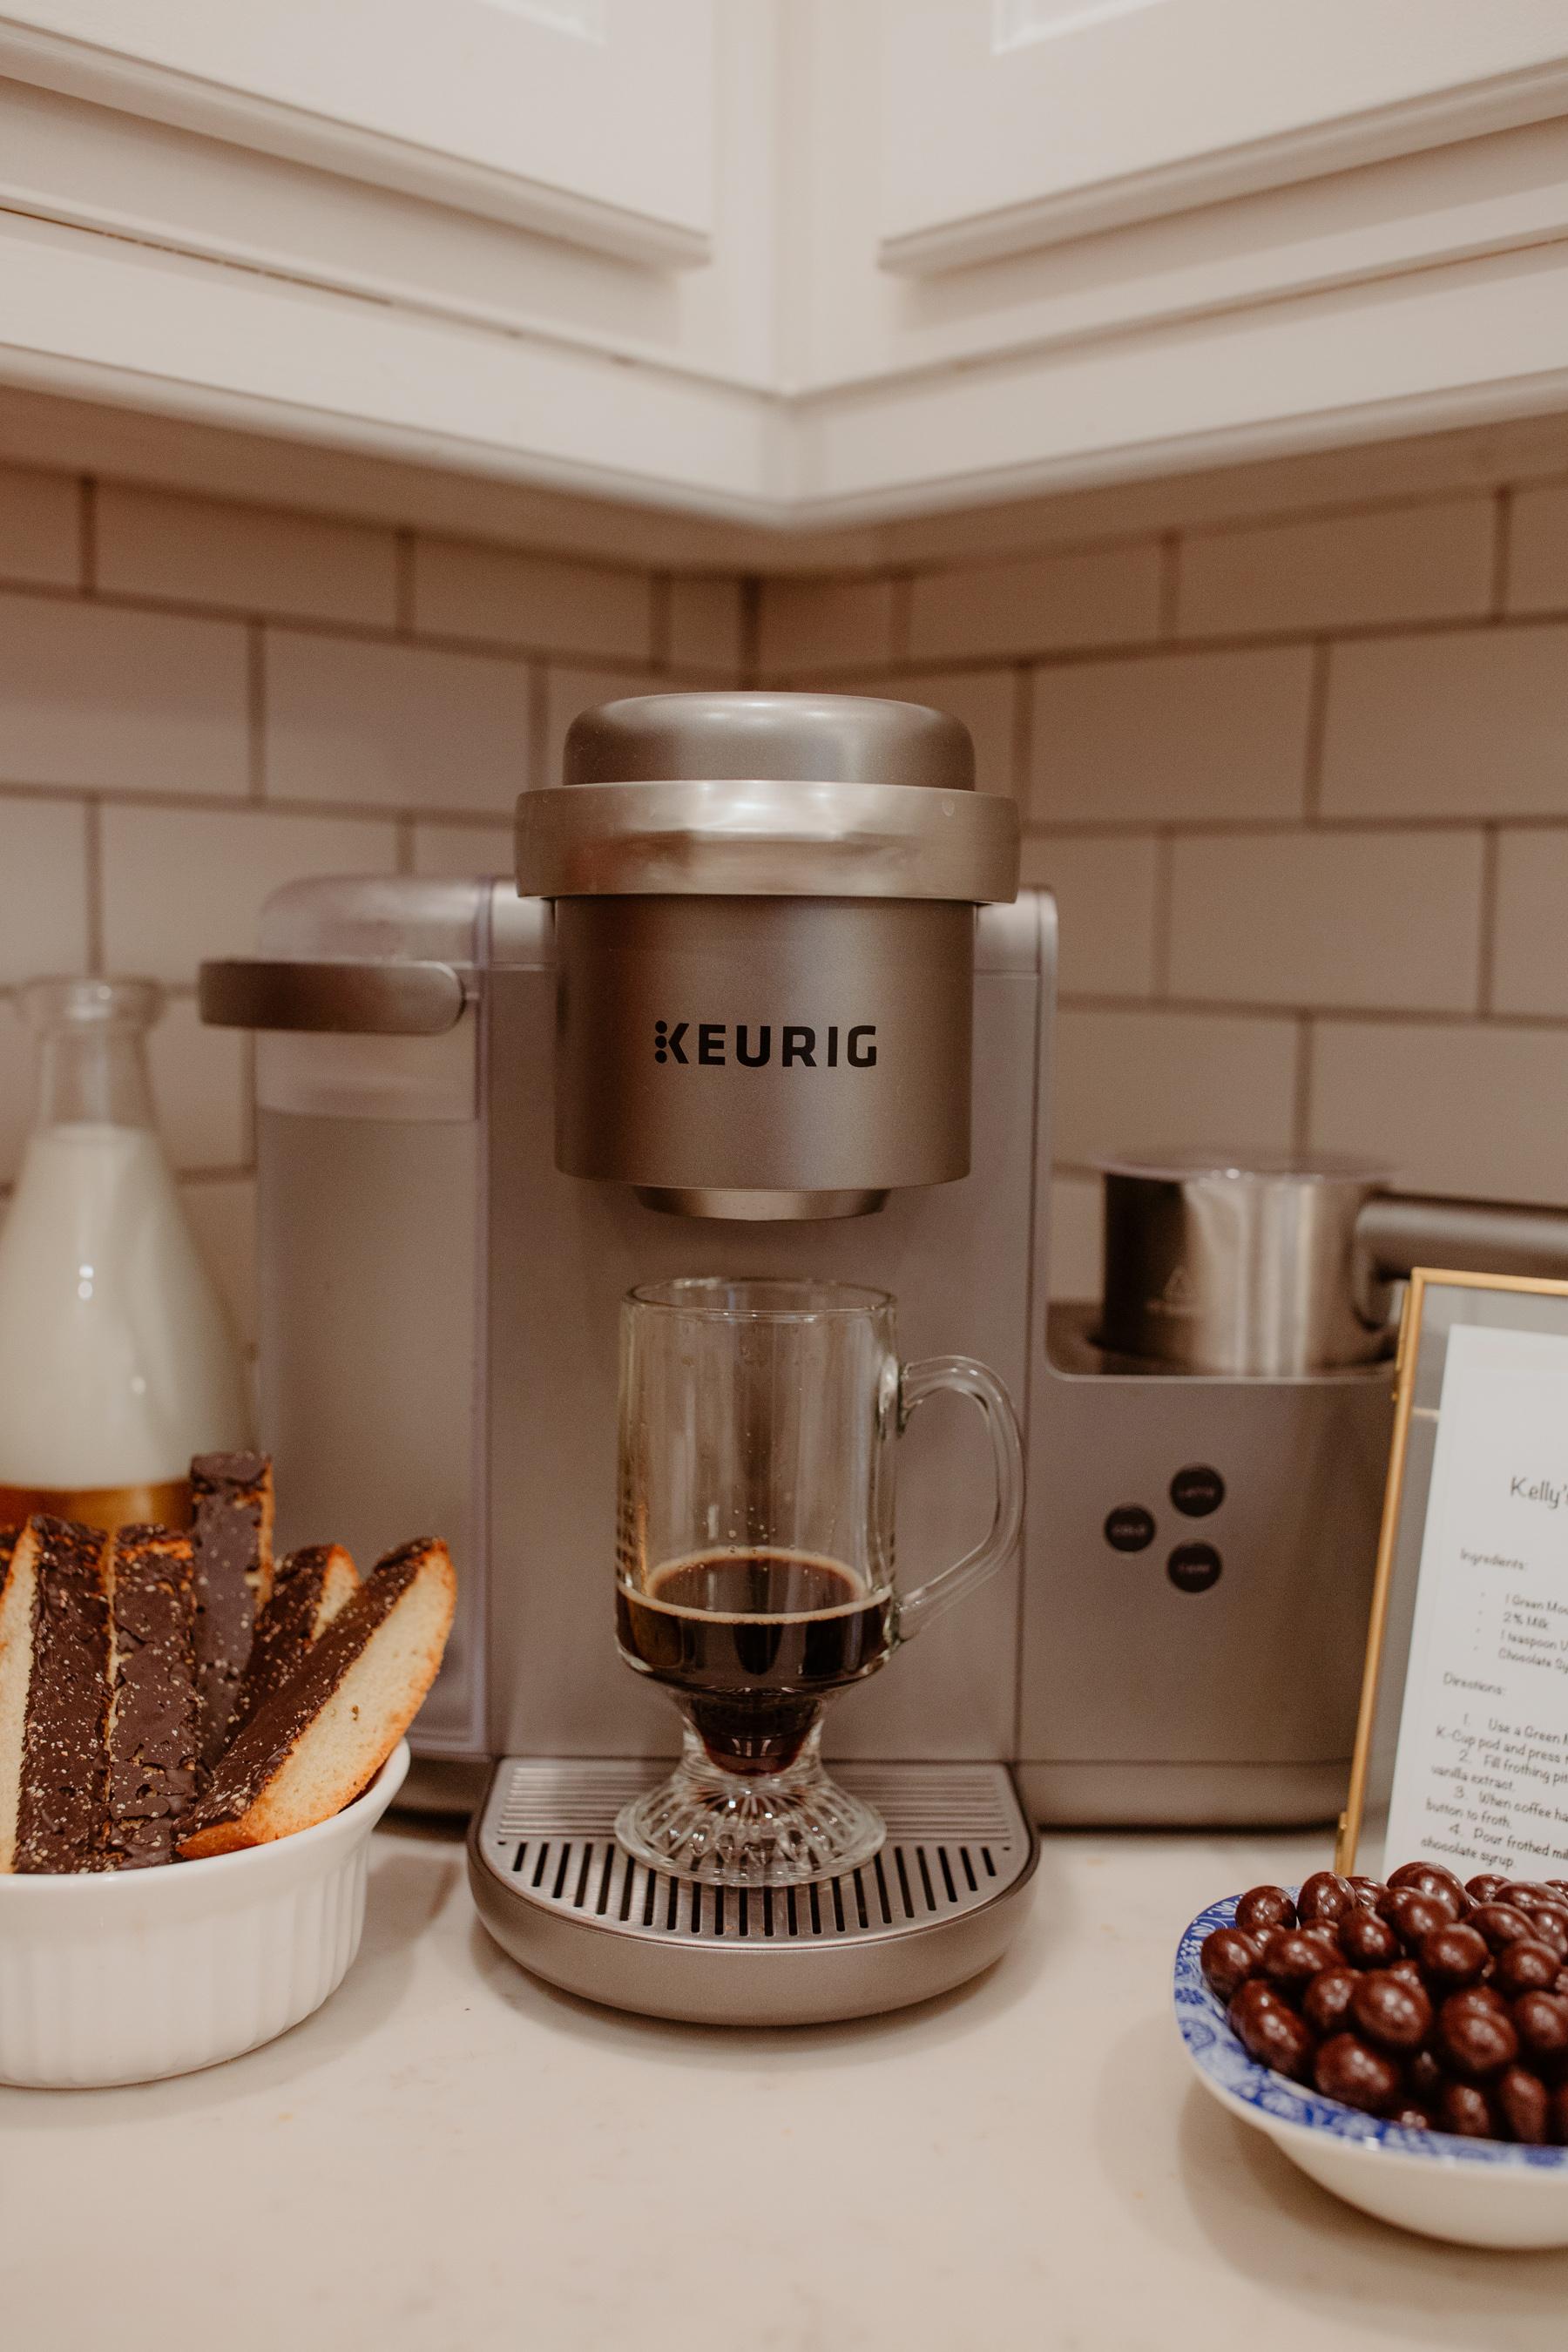 Keurig Special Edition K-Café™ Single Serve Coffee, Latte & Cappuccino Maker, Keurig